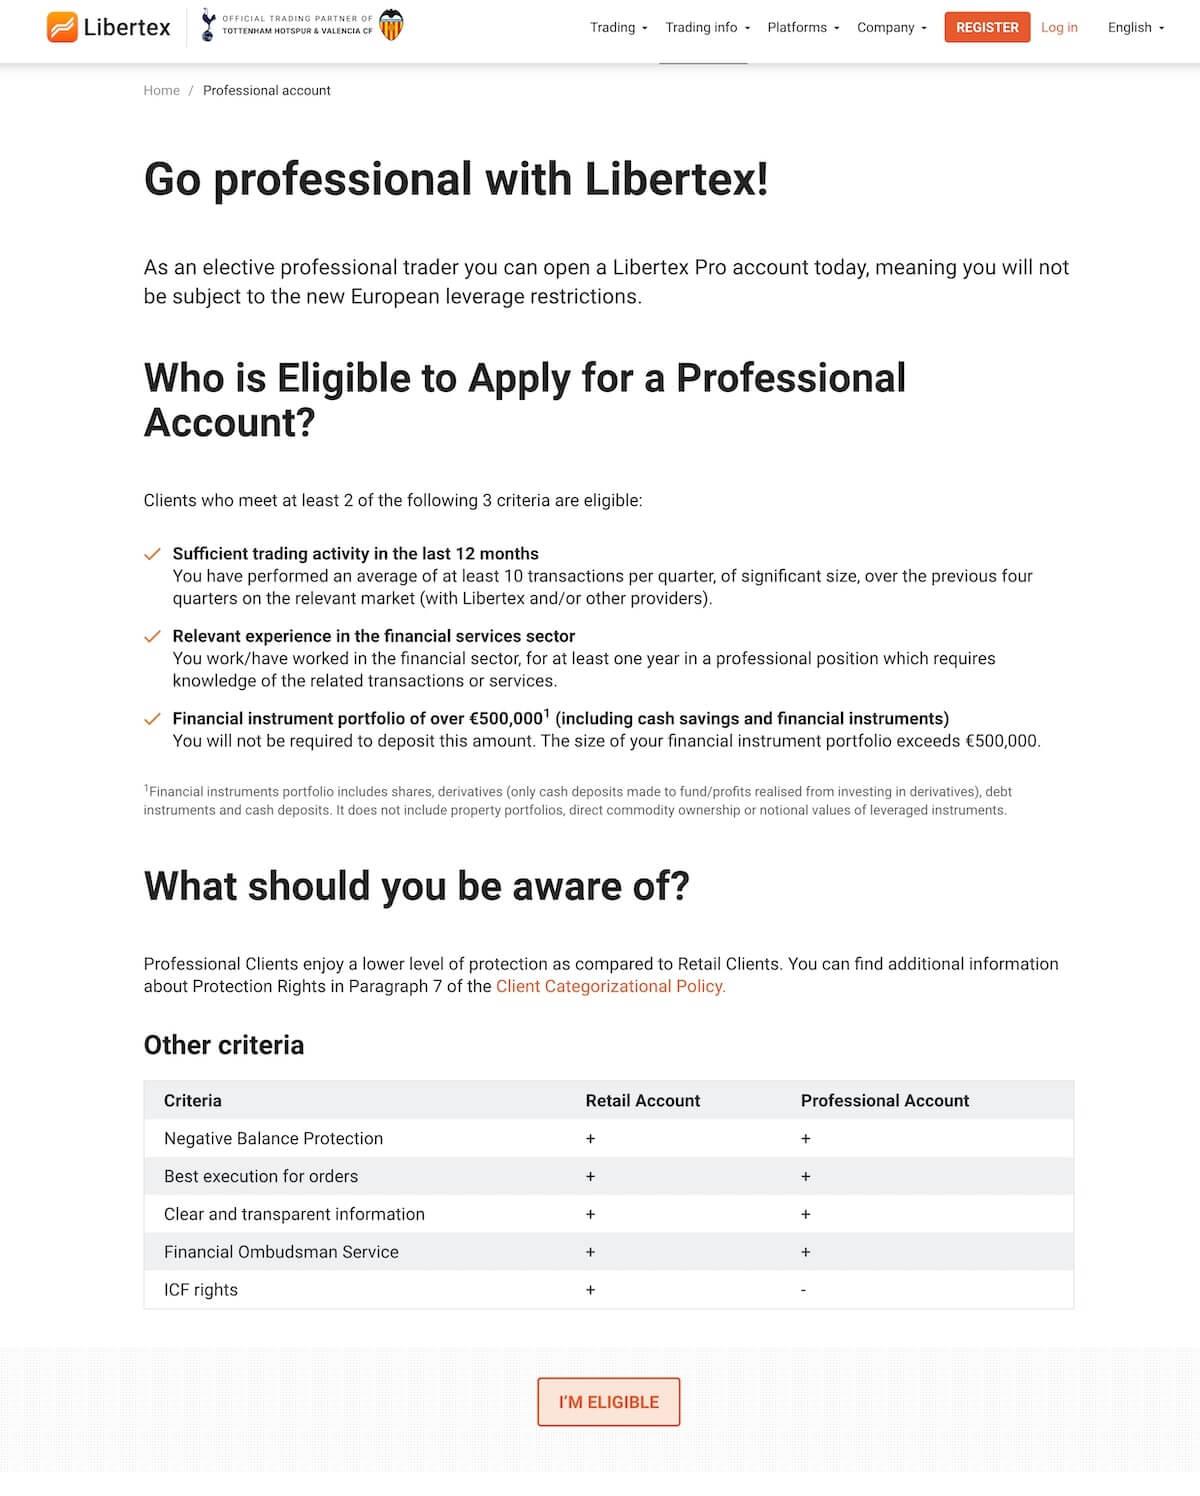 Libertex Professional Account comparison table